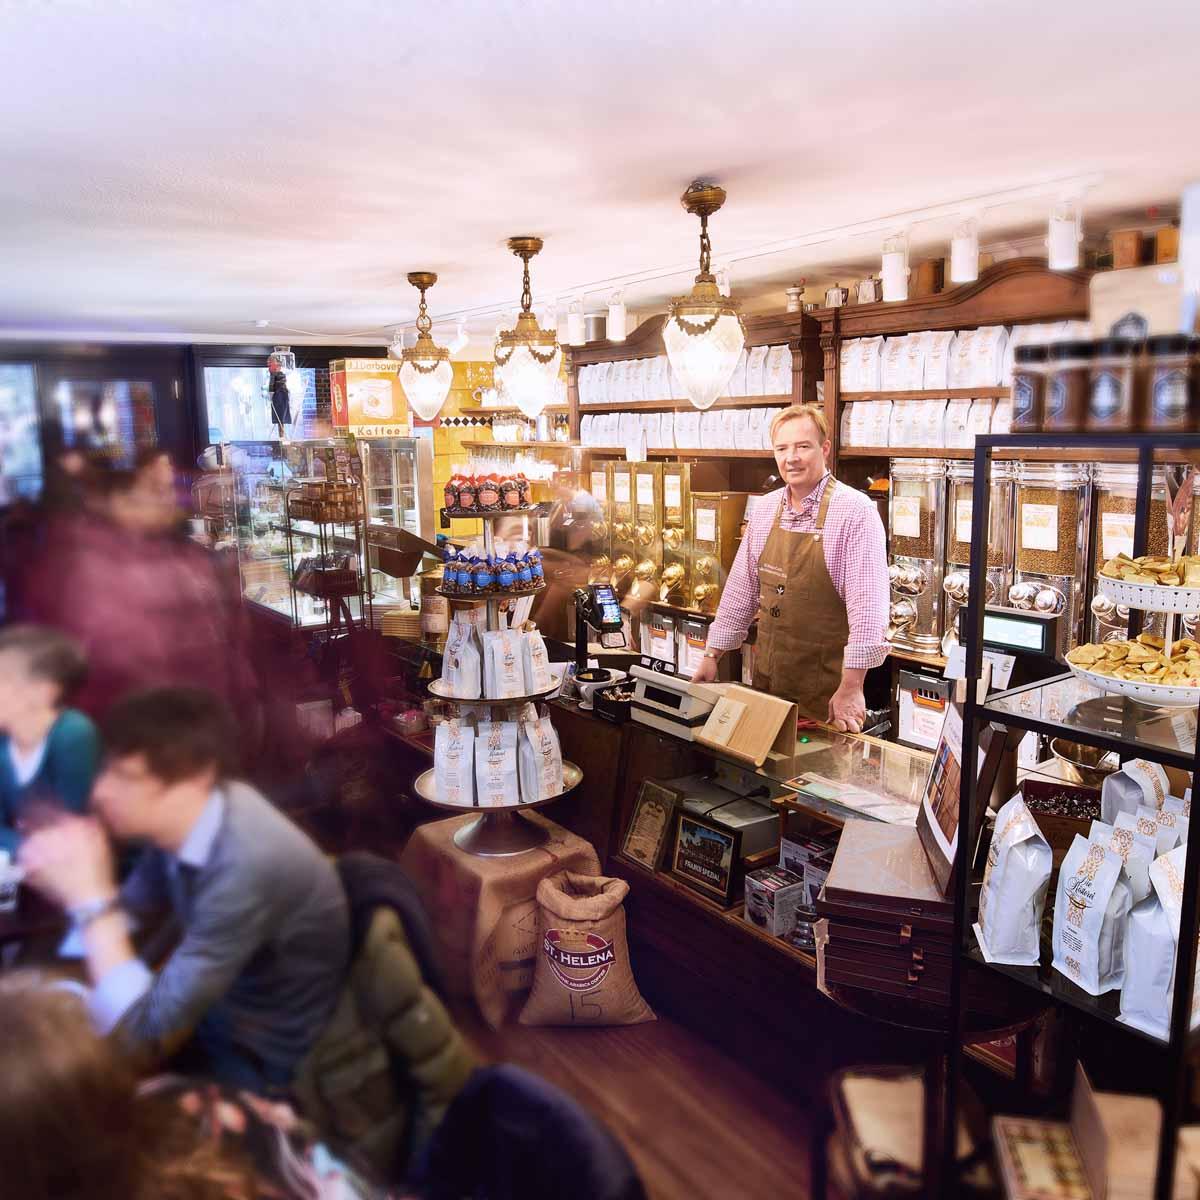 Die Rösterei Café Hamburg © Tobias Hoops